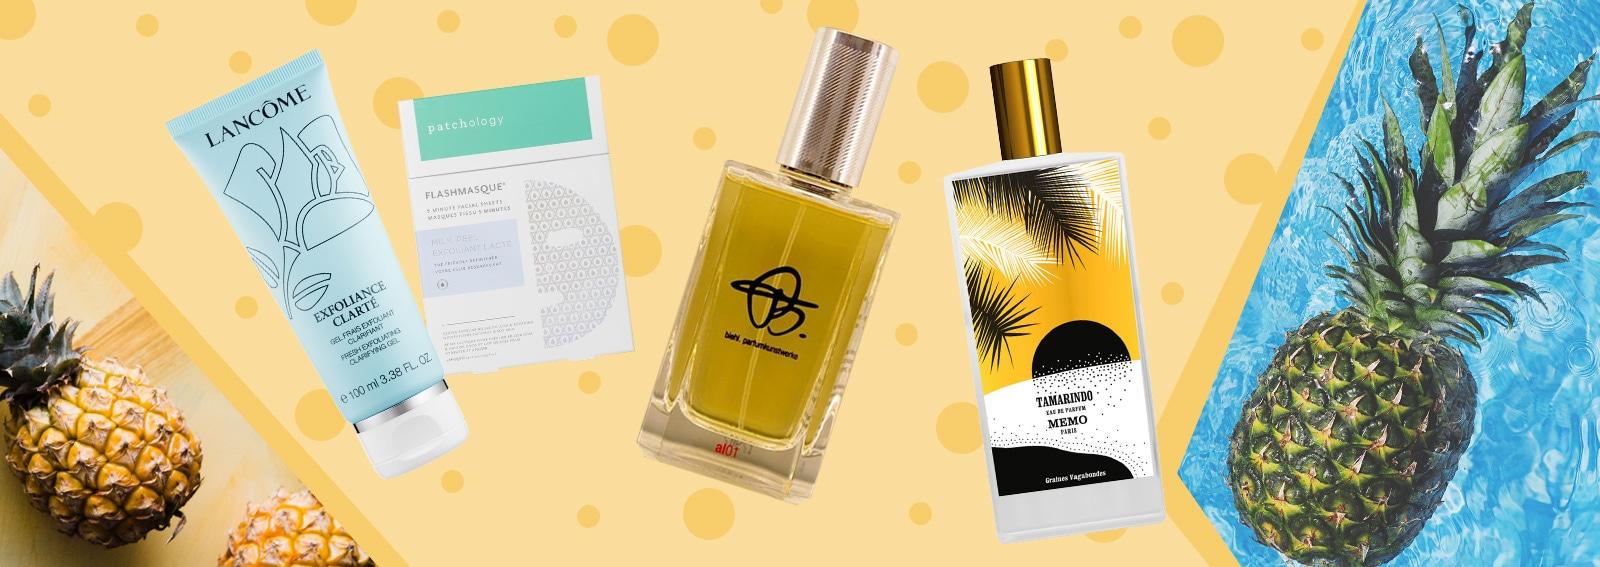 DESKTOP_ananas prodotti di bellezza must have